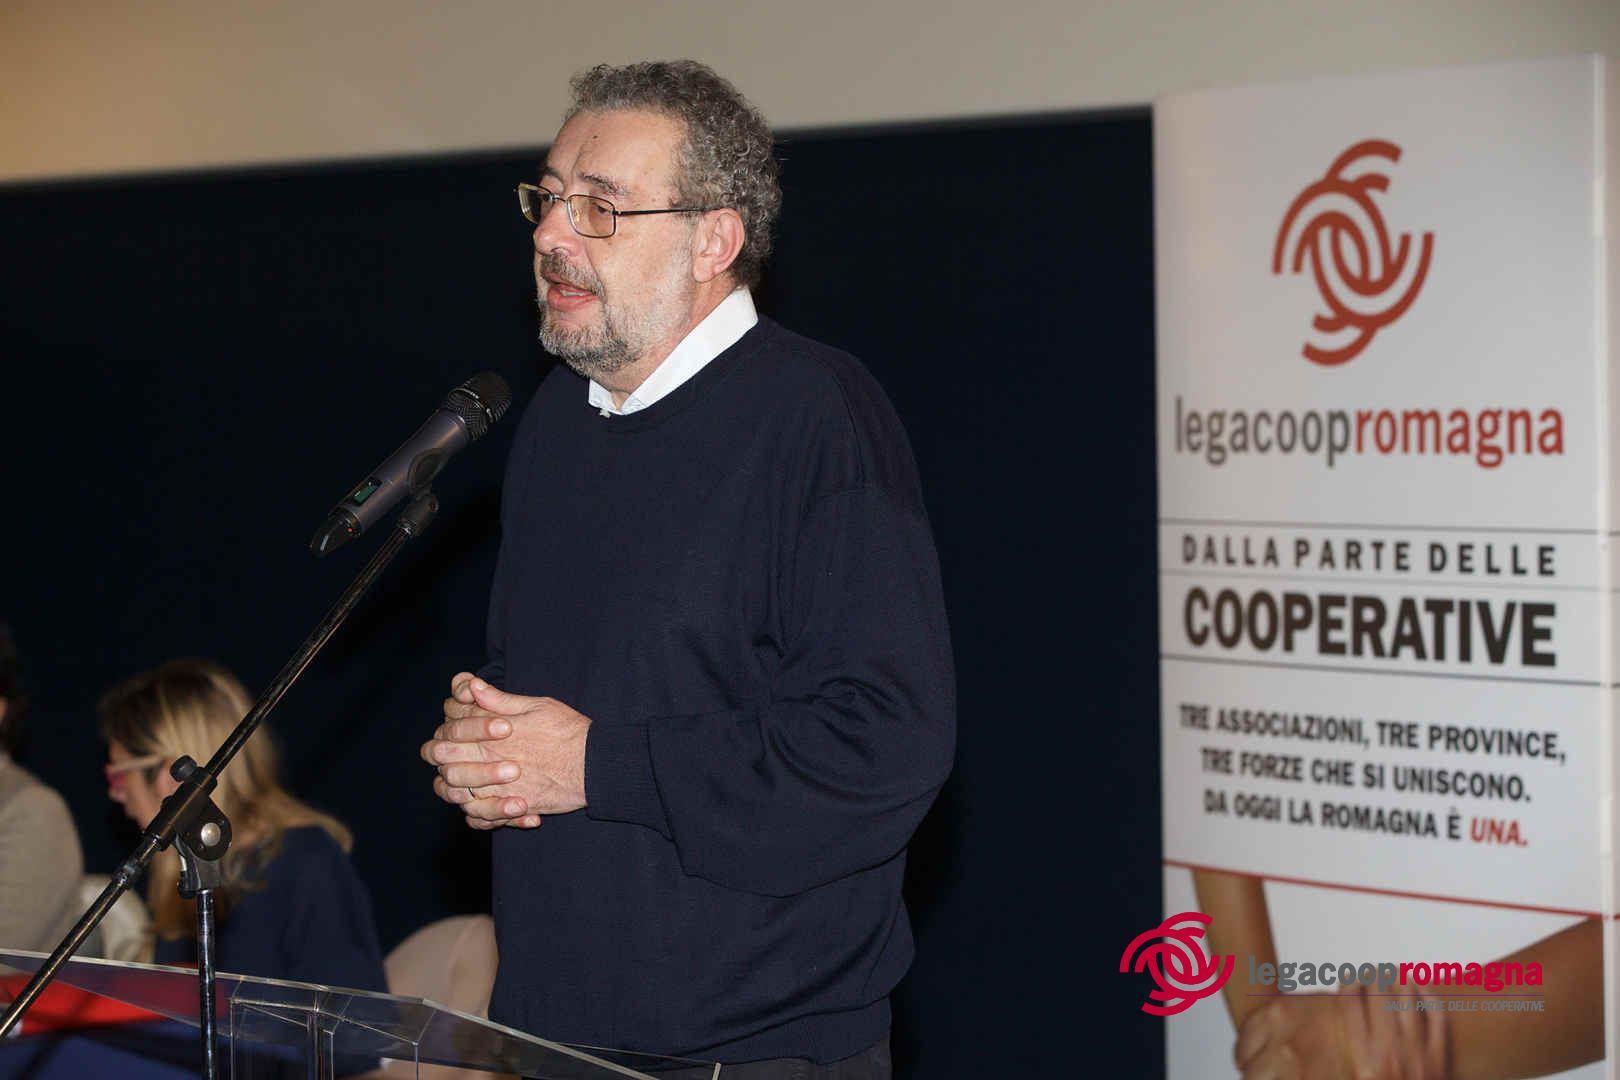 Il cordoglio dei cooperatori dell'ACI per la scomparsa di Fabrizio Matteucci